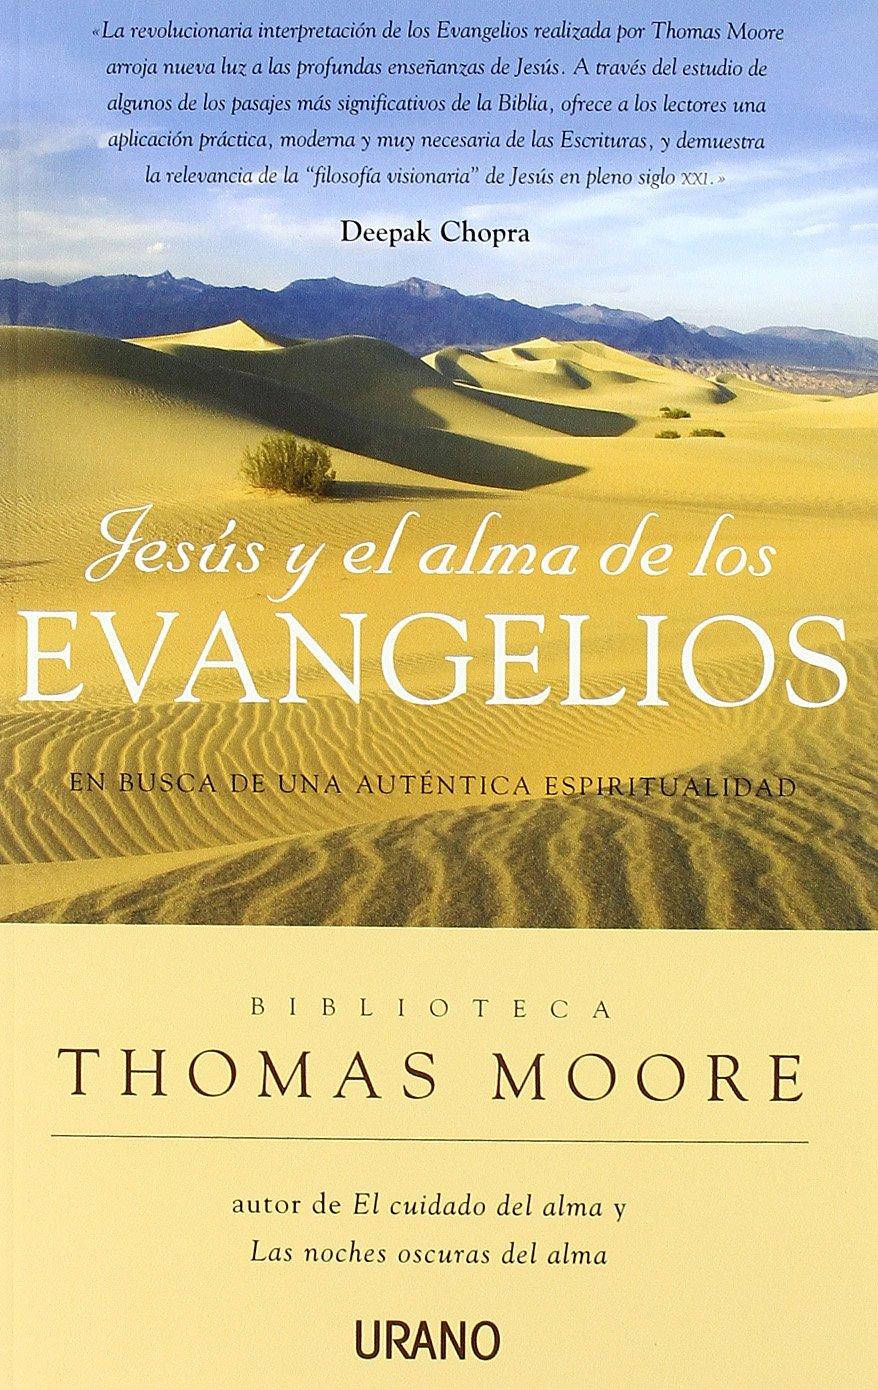 Jesus y el alma de los evangelios (Spanish Edition)